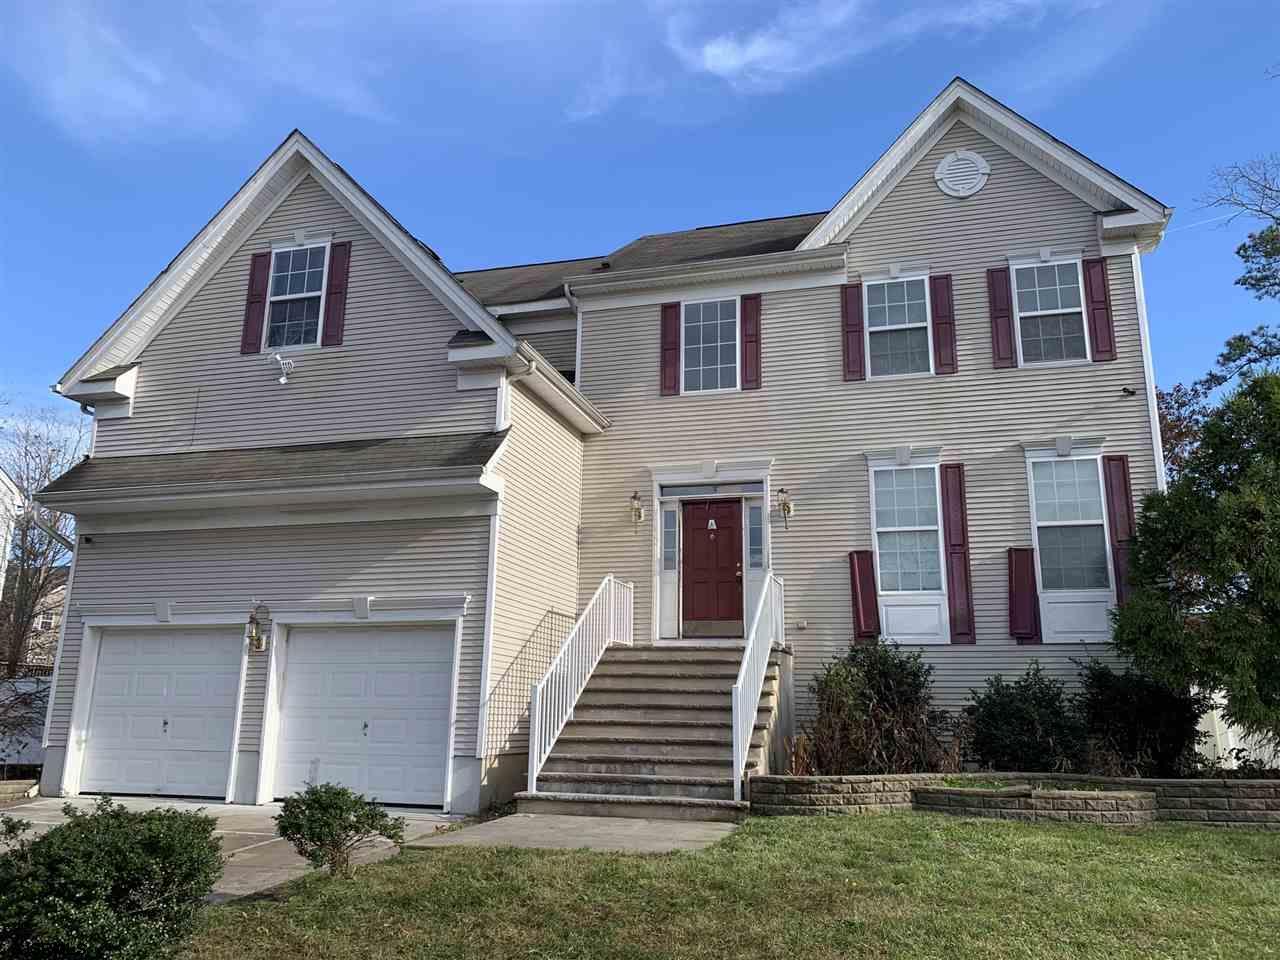 7220 Fernwood Ave, Egg Harbor Township, NJ, 08234